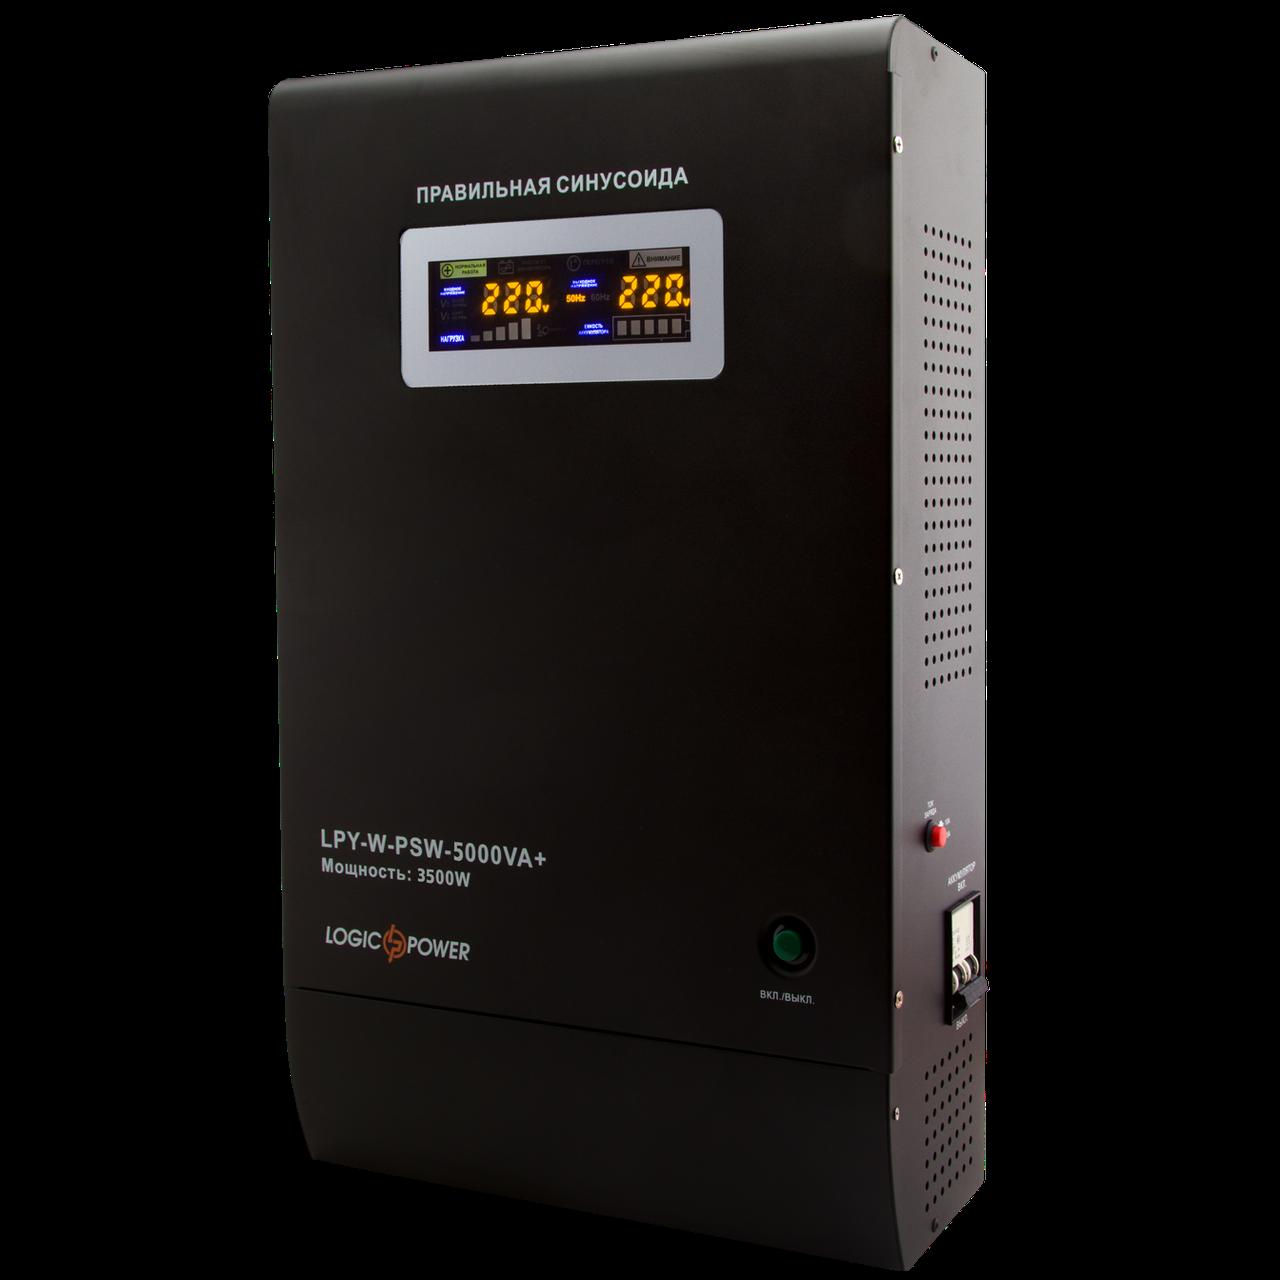 ИБП с правильной синусоидой LogicPower LPY-W-PSW-5000VA+ (3500W) 10A/20A 48V для котлов и аварийного освещения